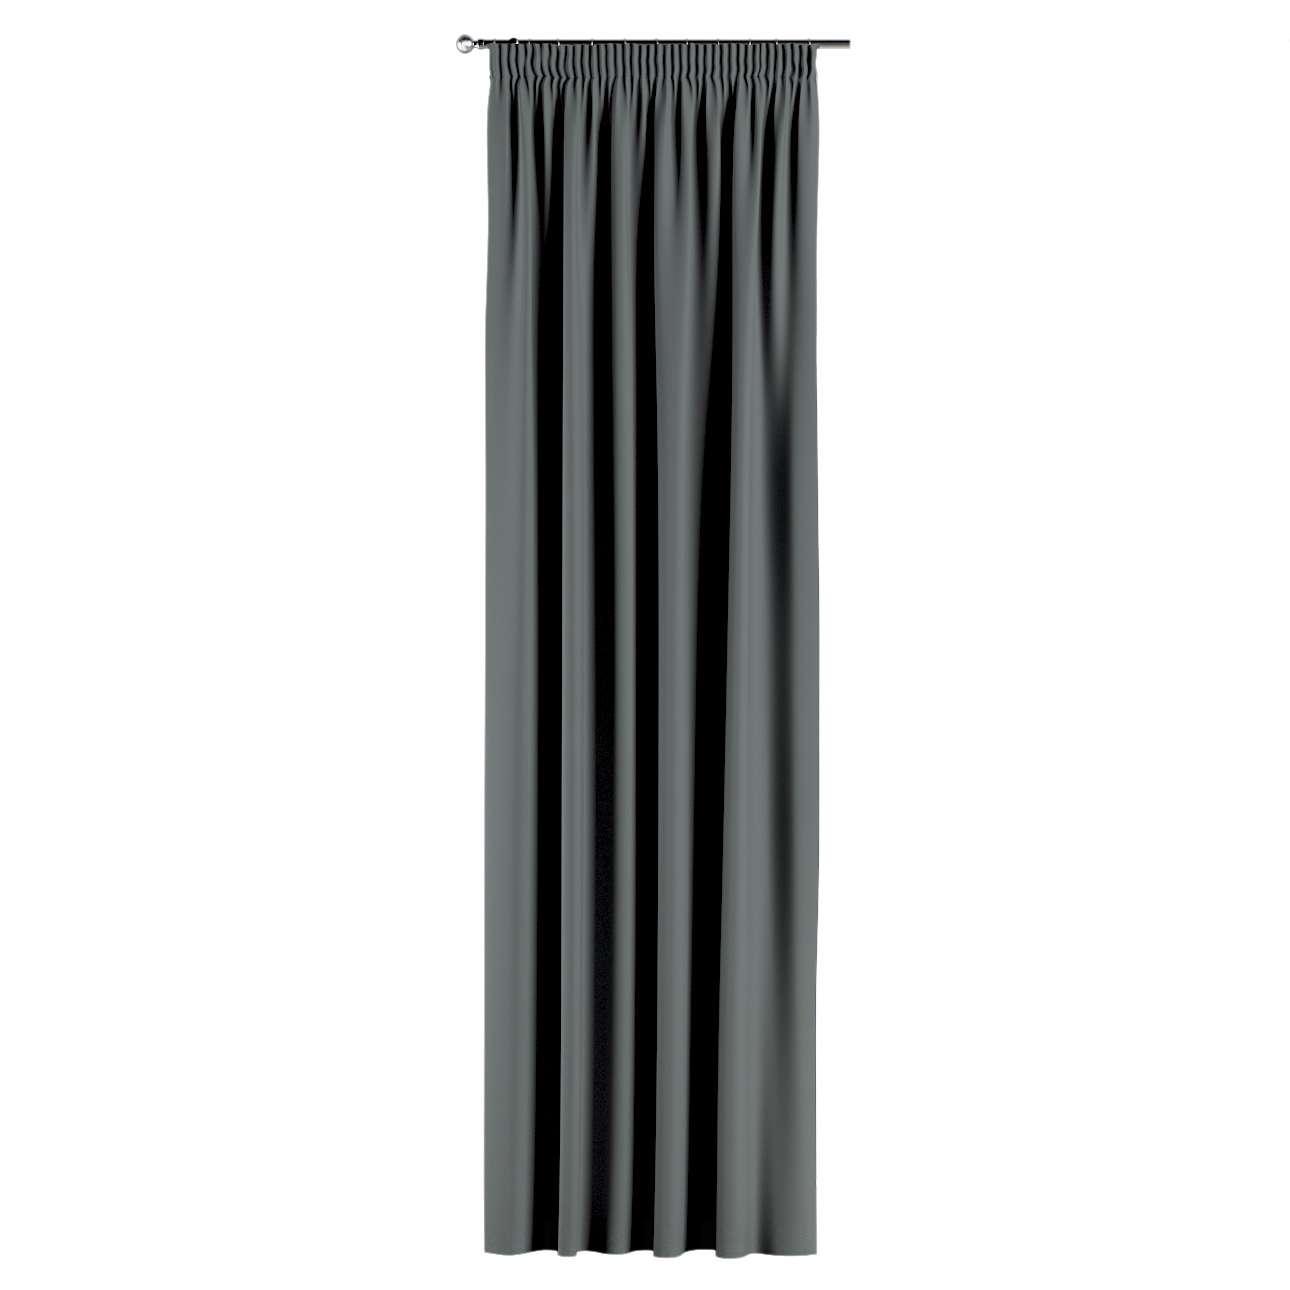 Verduisteringsgordijn met plooiband van de collectie Blackout 280 cm, Stof: 269-07